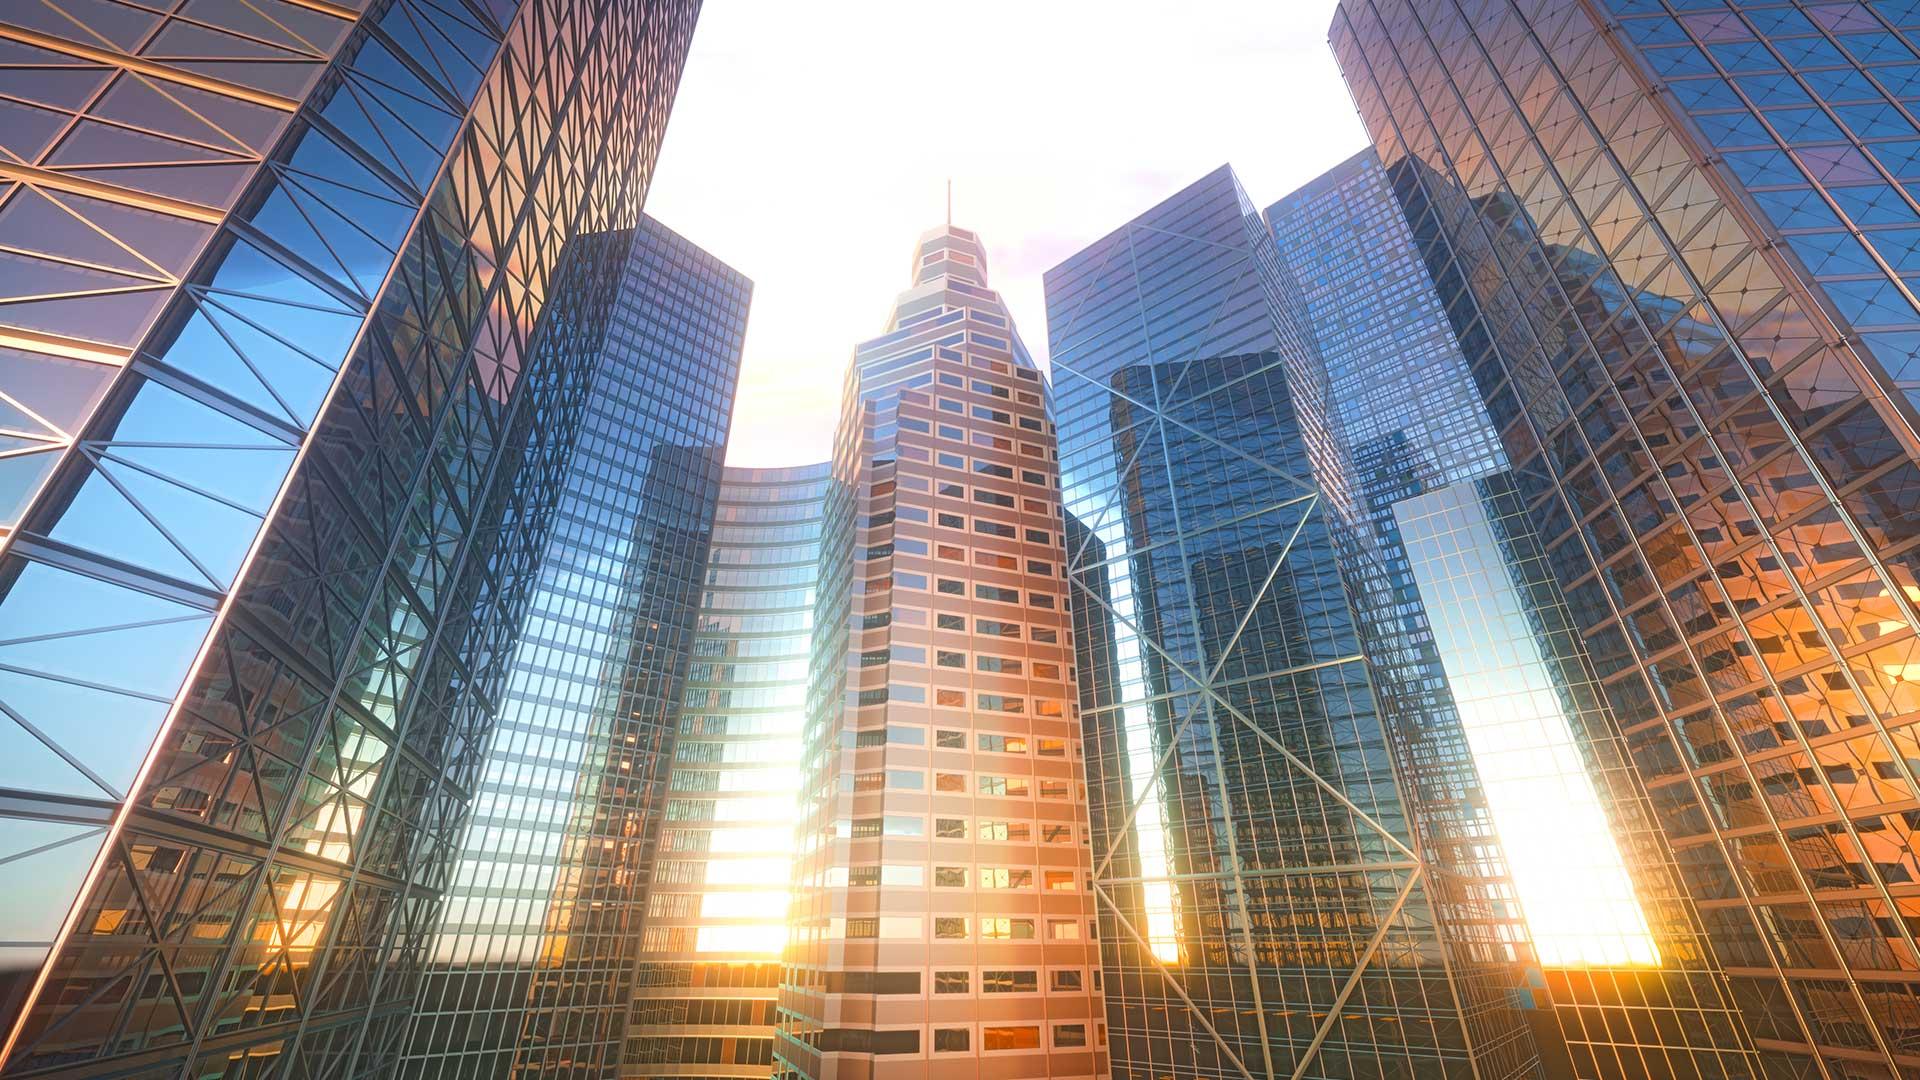 Integracion-3D-de-edificios-con-reflejos-del-sol-GrupoAudiovisual